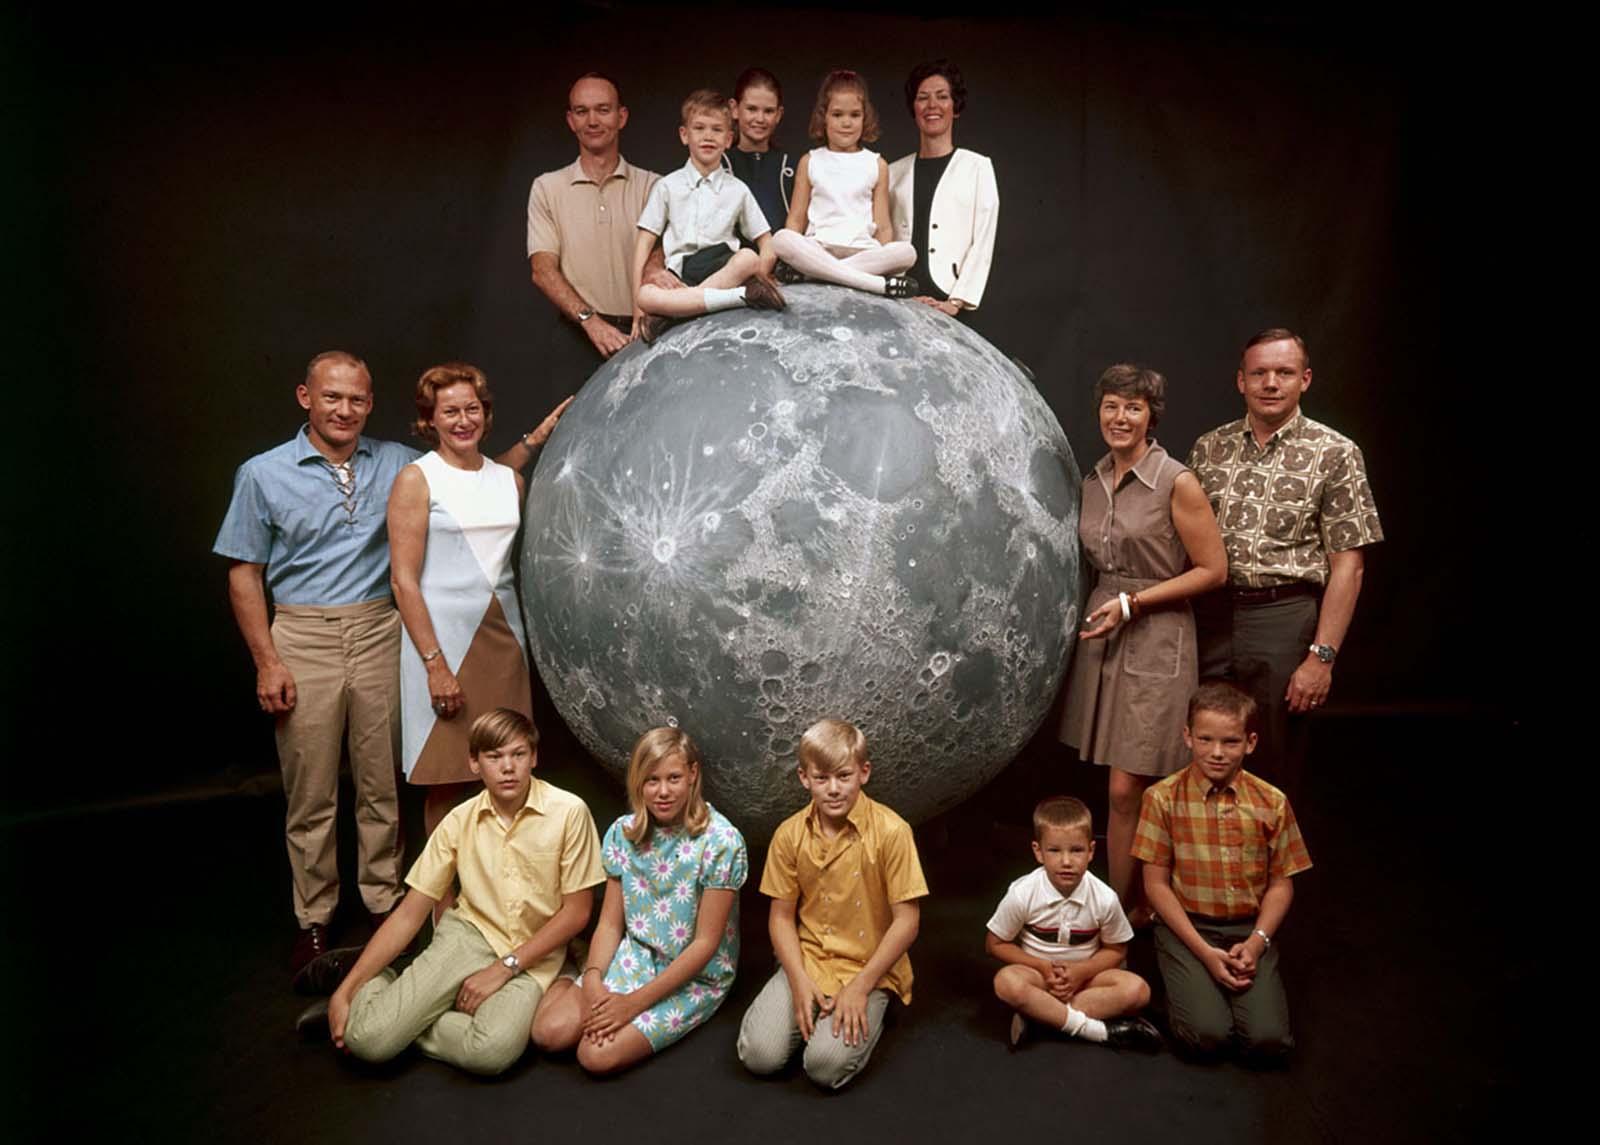 Apollo 11 preparation%2B%25282%2529 - Fotos raras da preparação de Neil Armstrong antes de ir a Lua